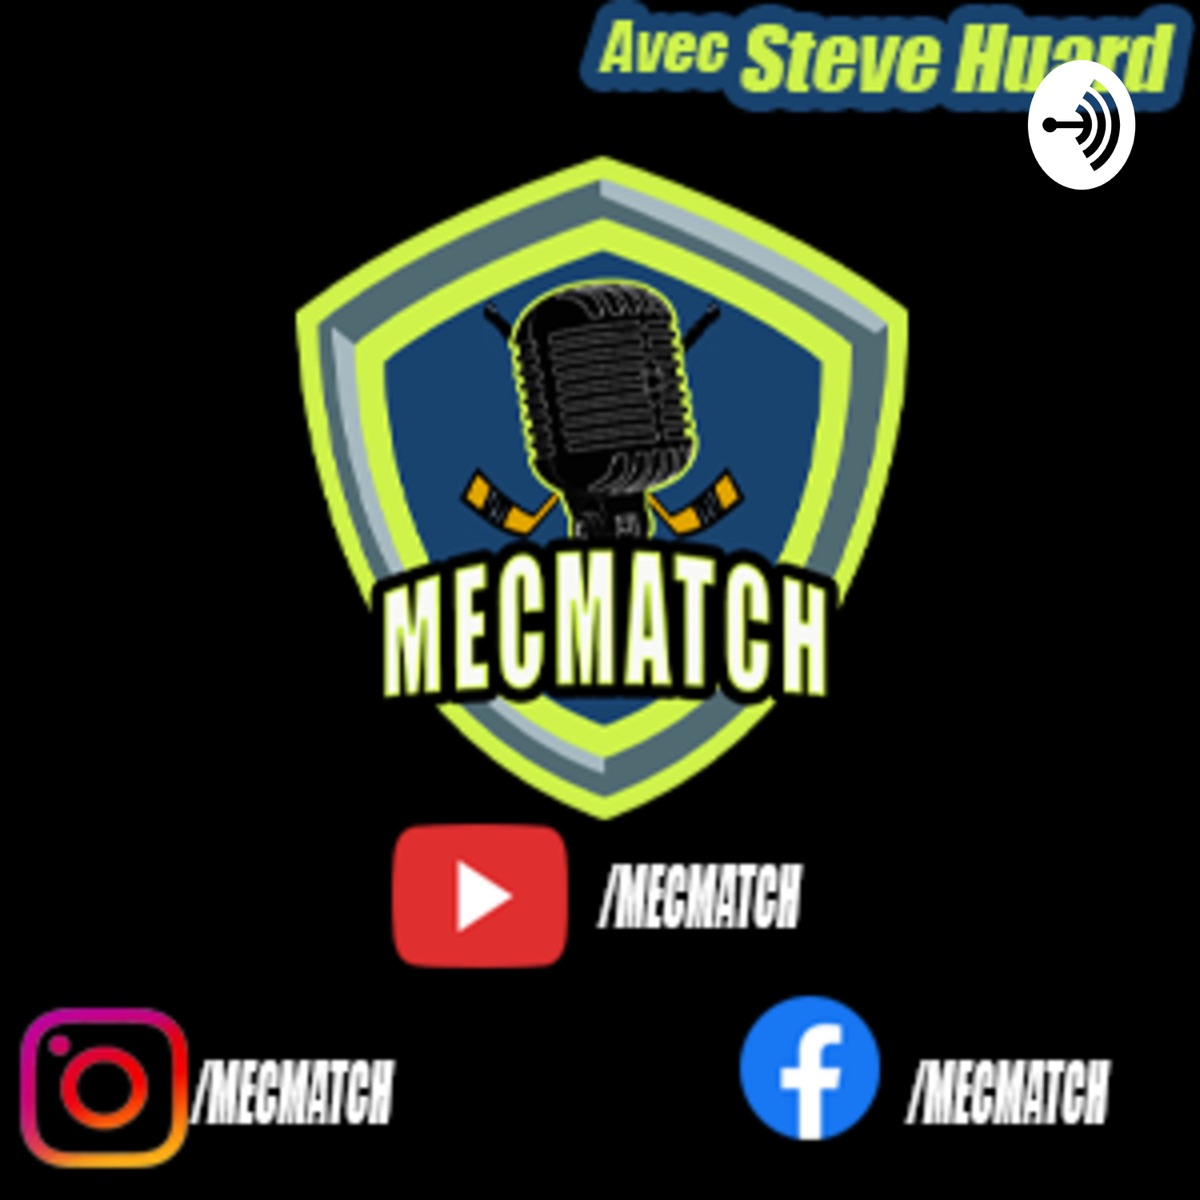 MecMatch